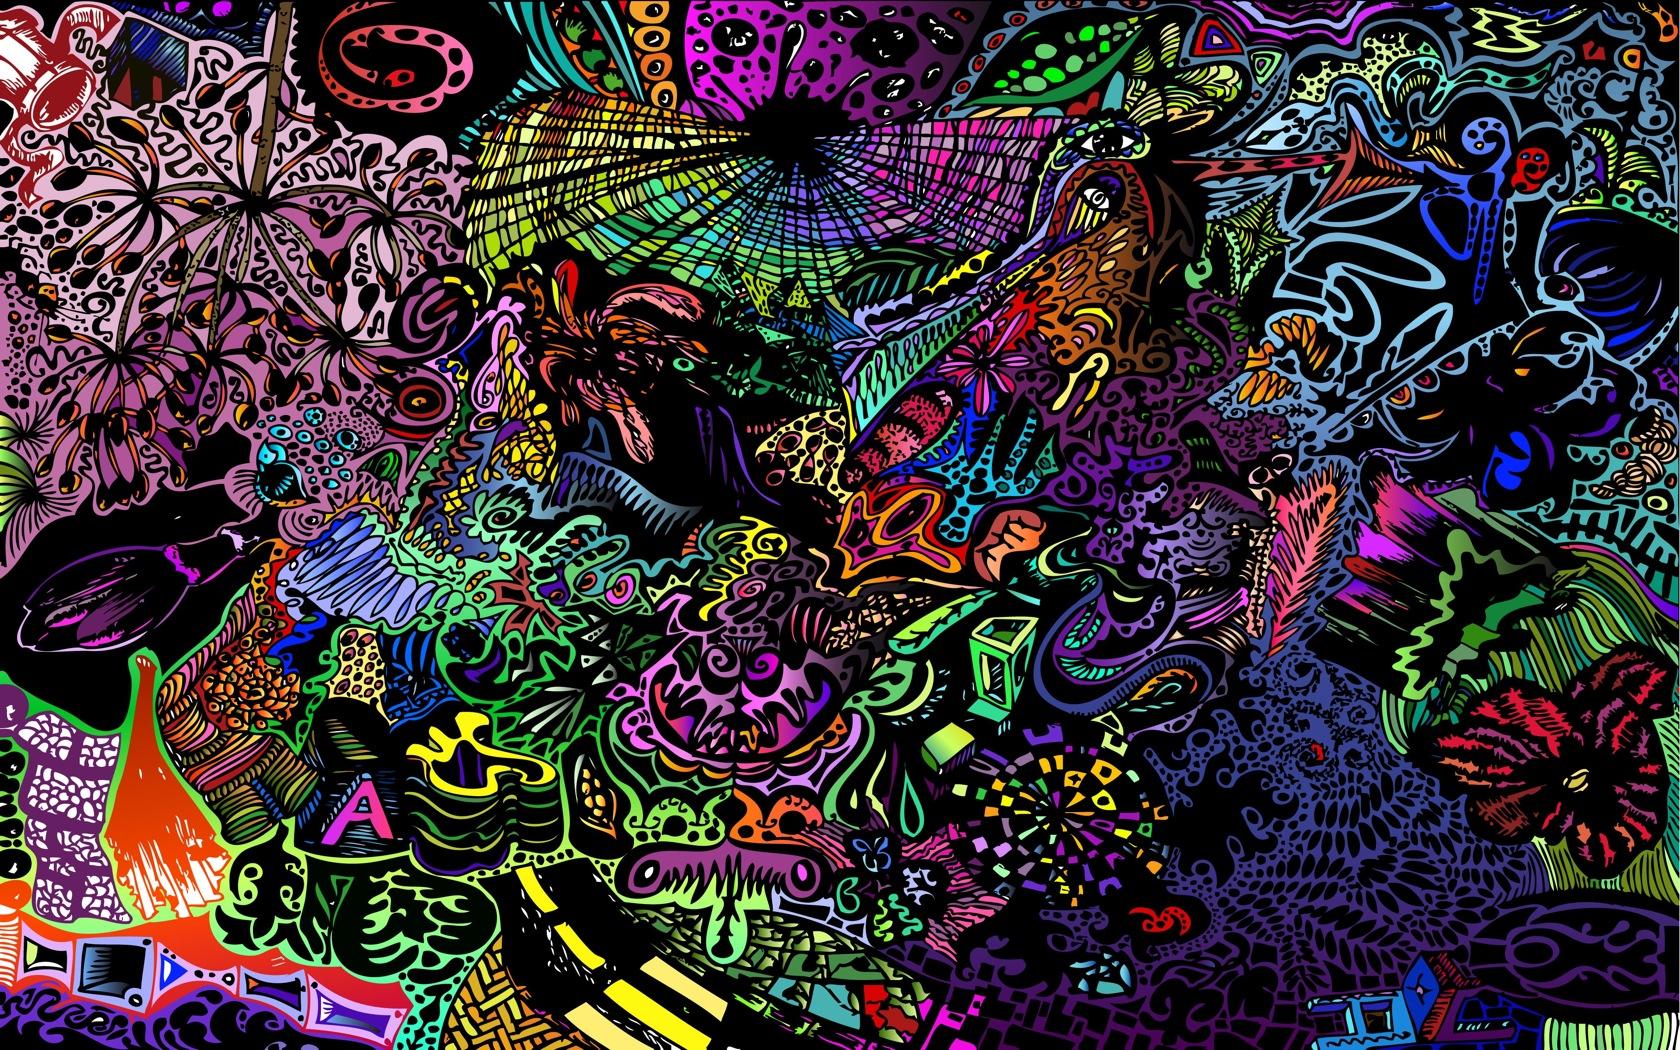 the Neon Acid Trip Wallpaper Neon Acid Trip iPhone Wallpaper Neon 1680x1050